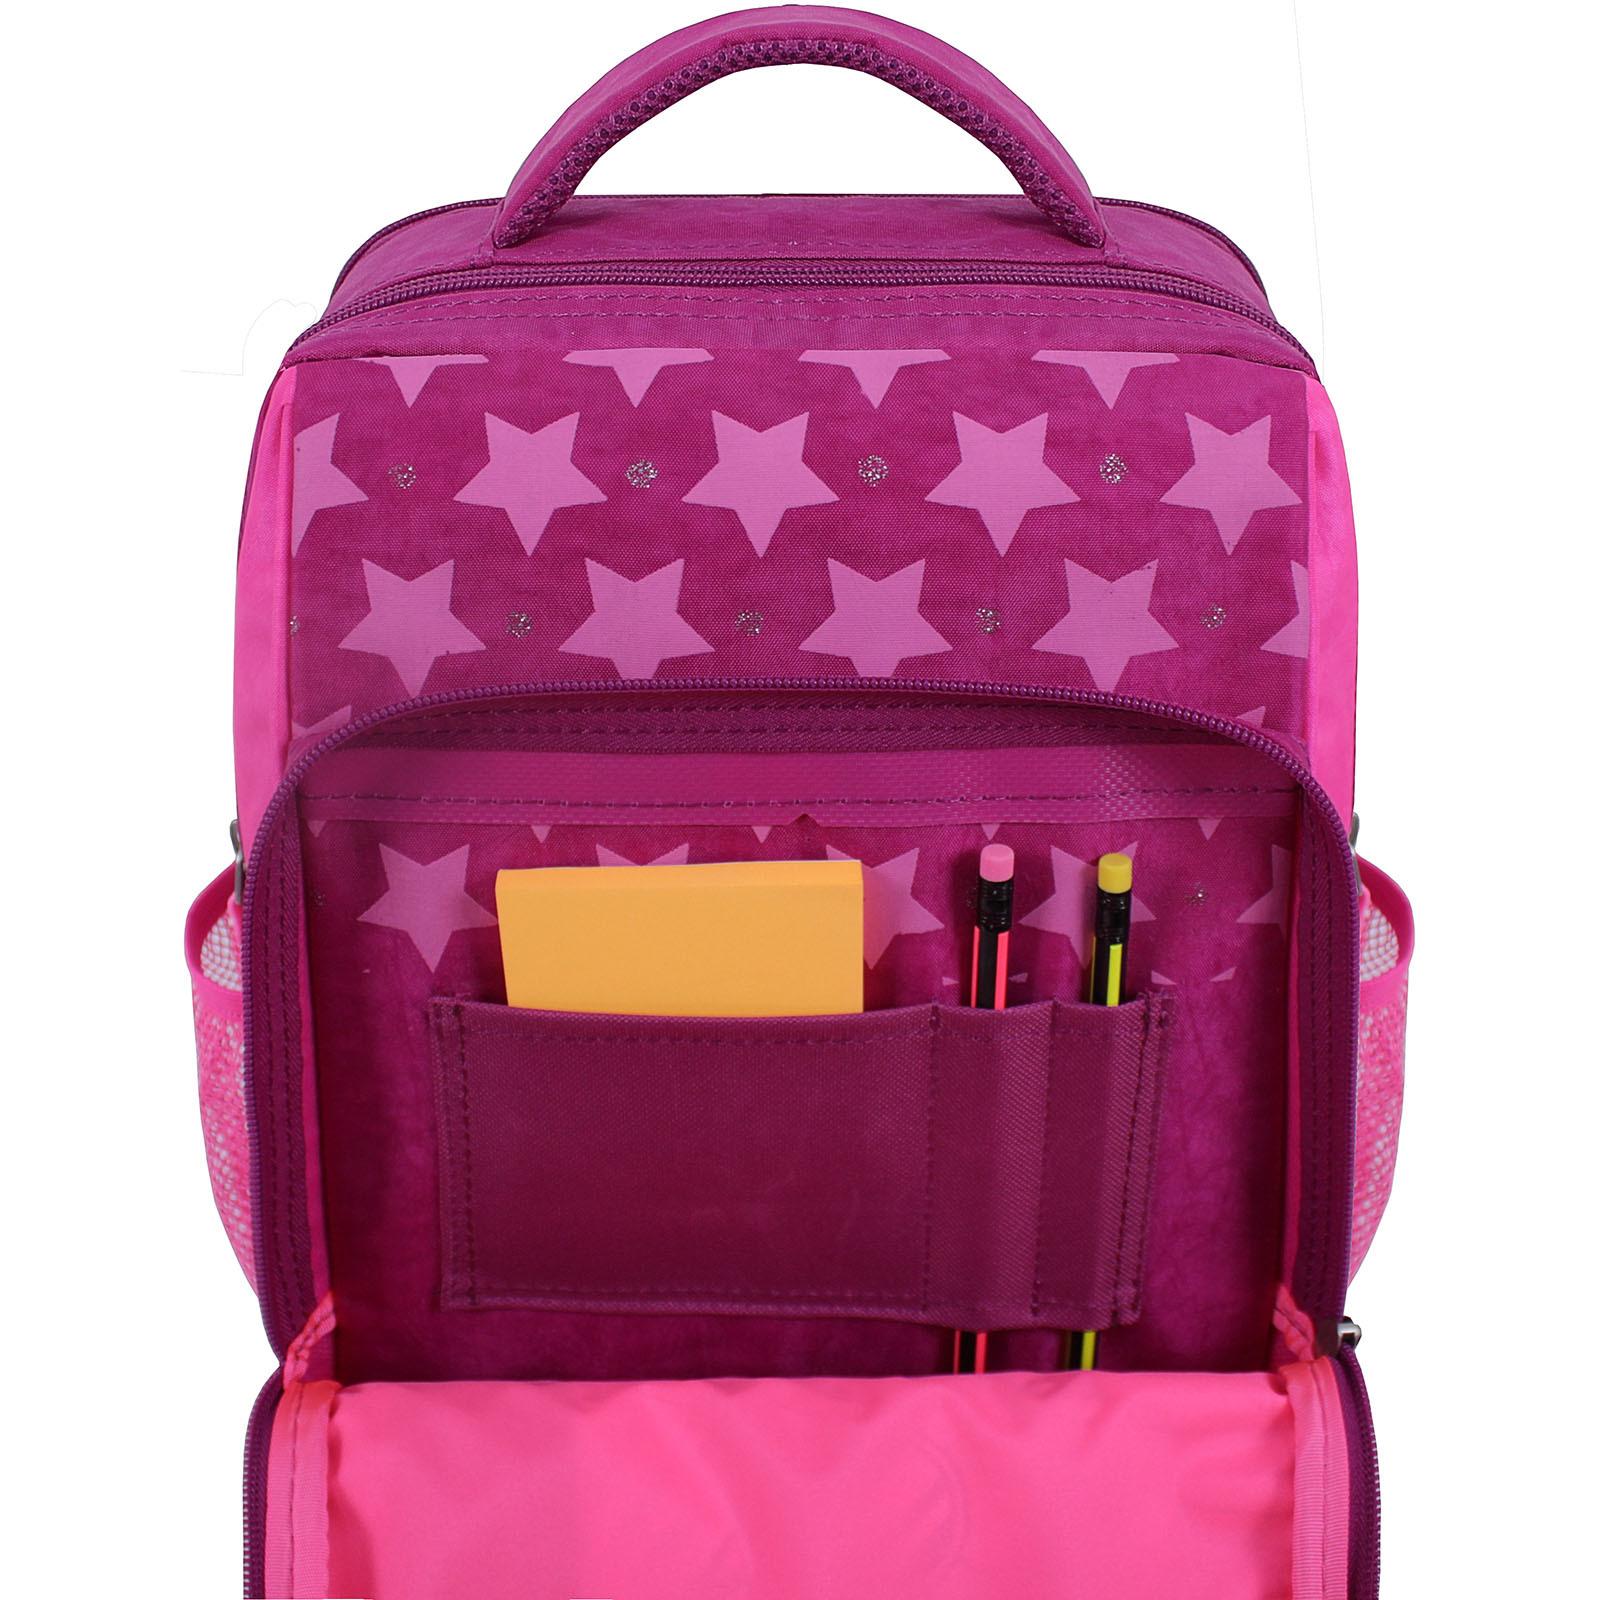 Рюкзак школьный Bagland Школьник 8 л. 143 малиновый 510 (0012870) фото 4